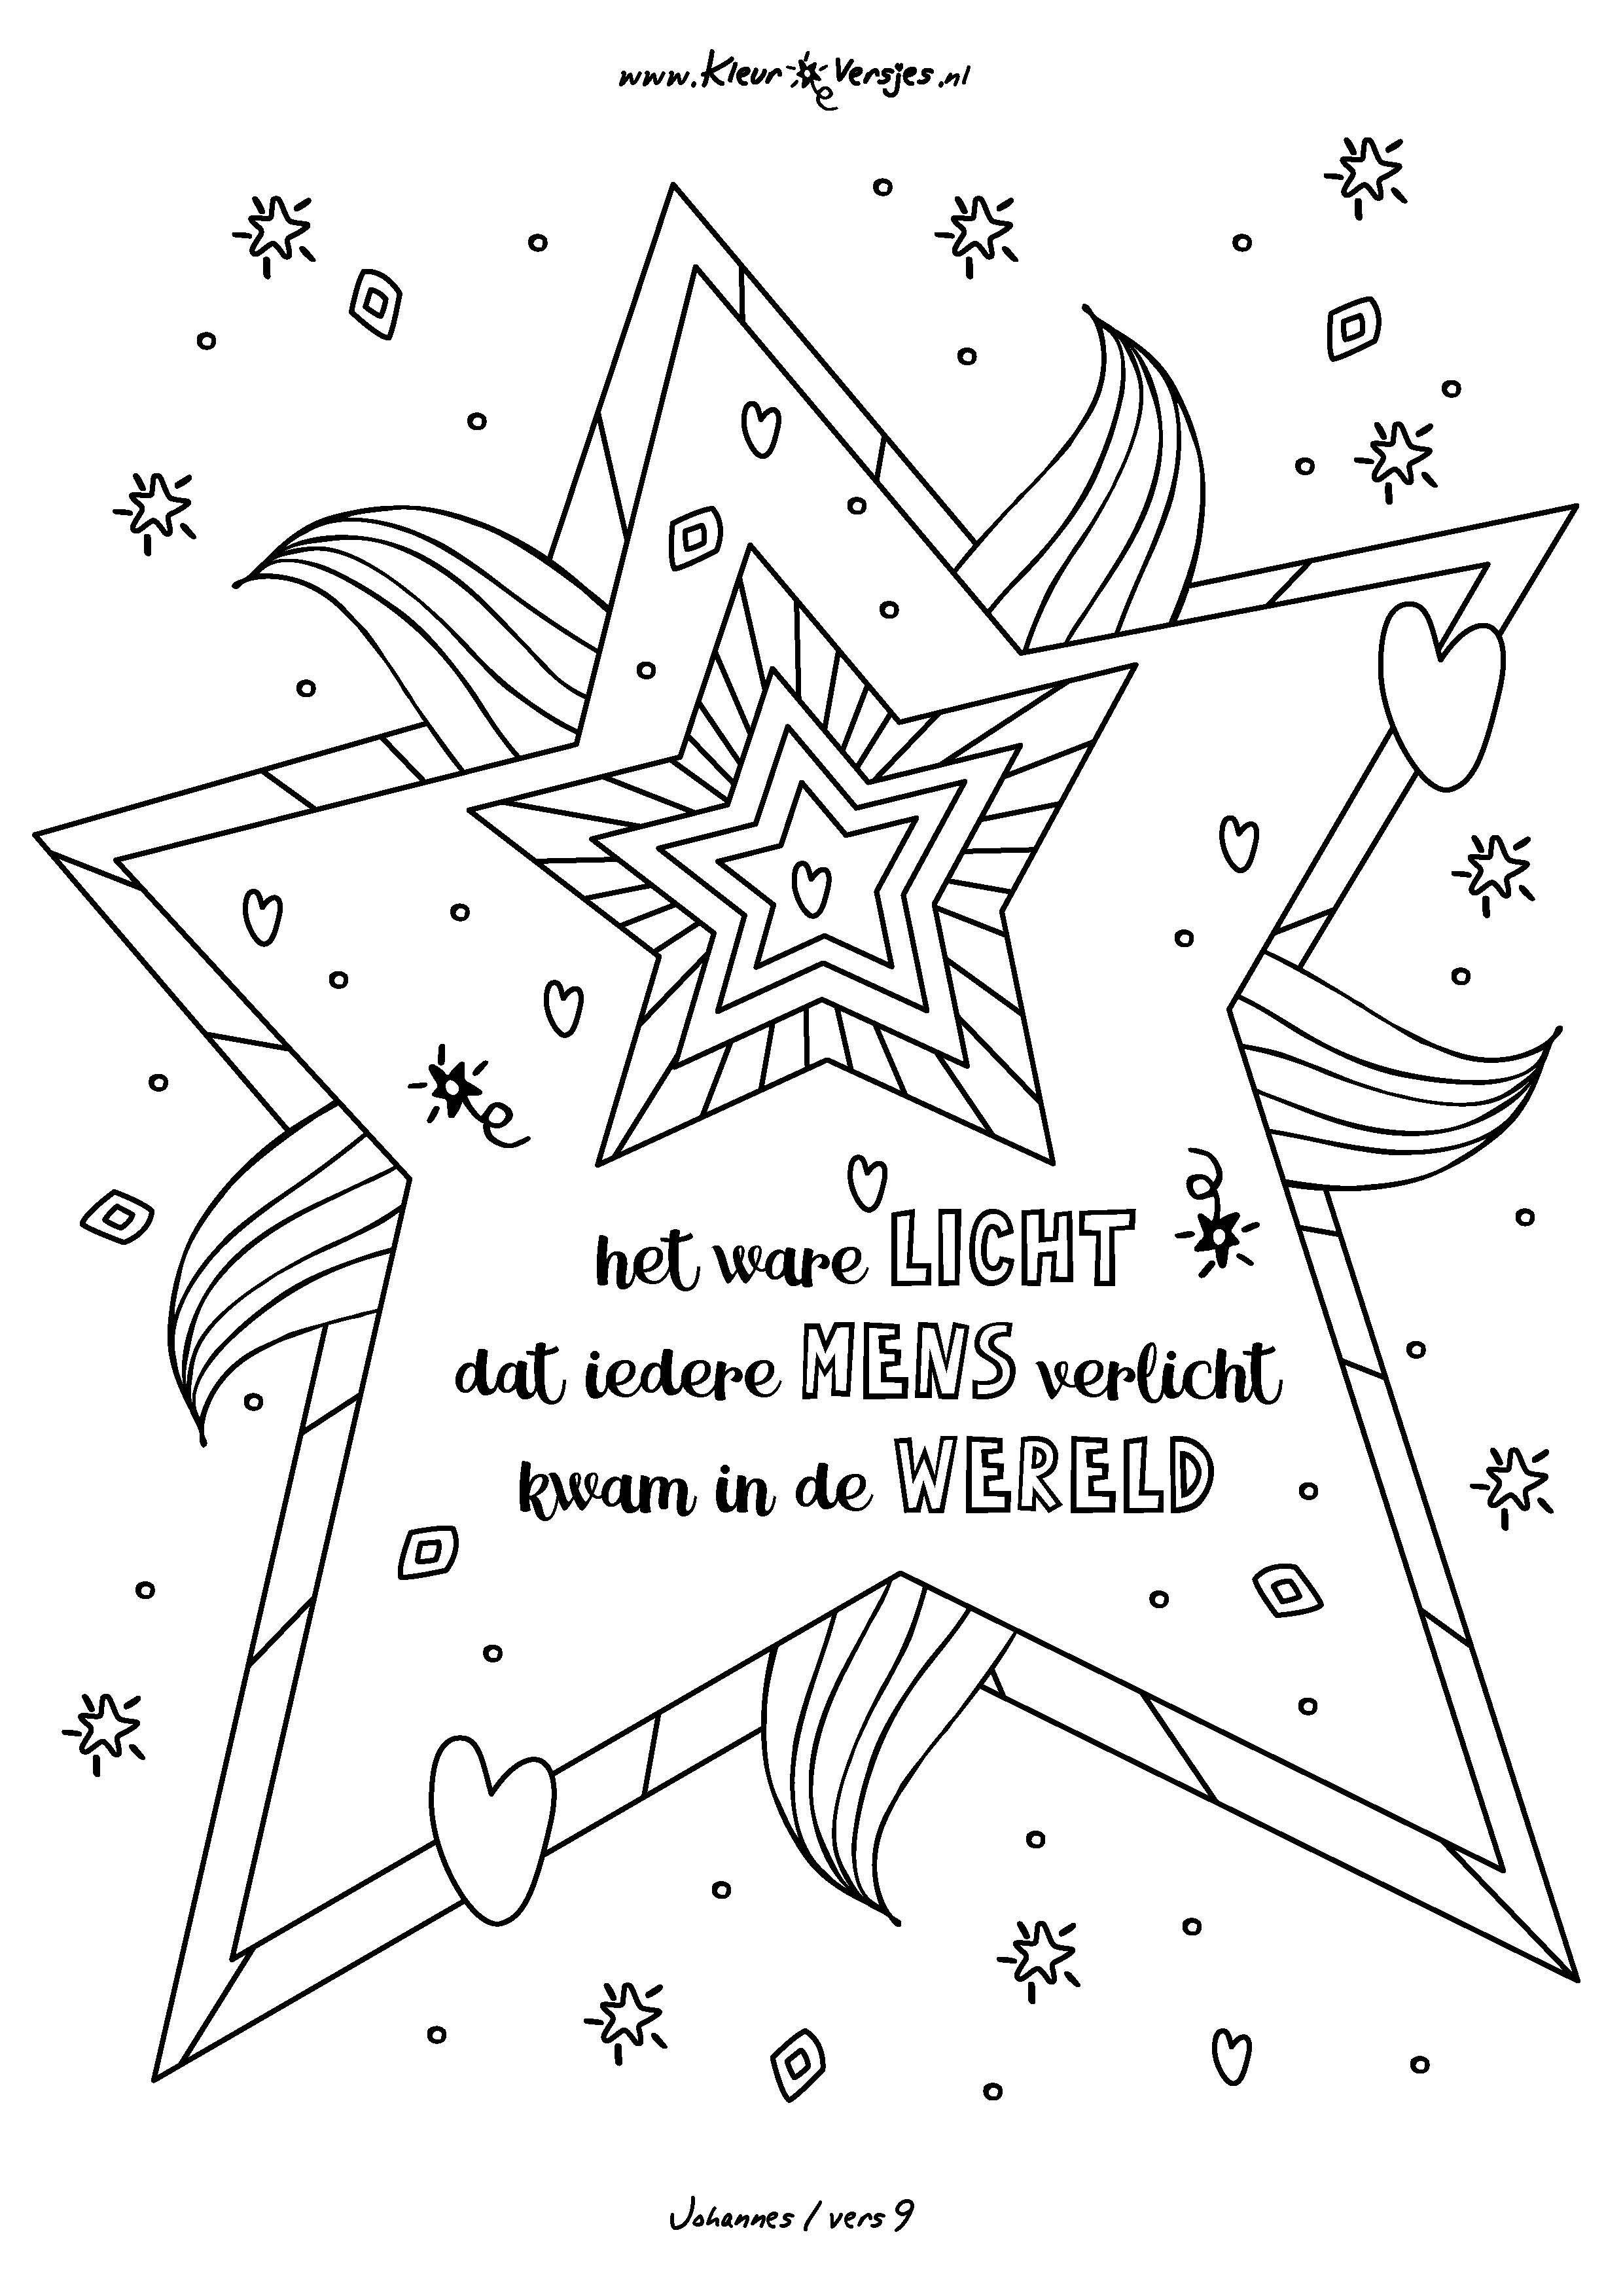 18 Jaar Getrouwd Kleurplaat 028 Het Ware Licht Dat Ieder Mens Verlicht